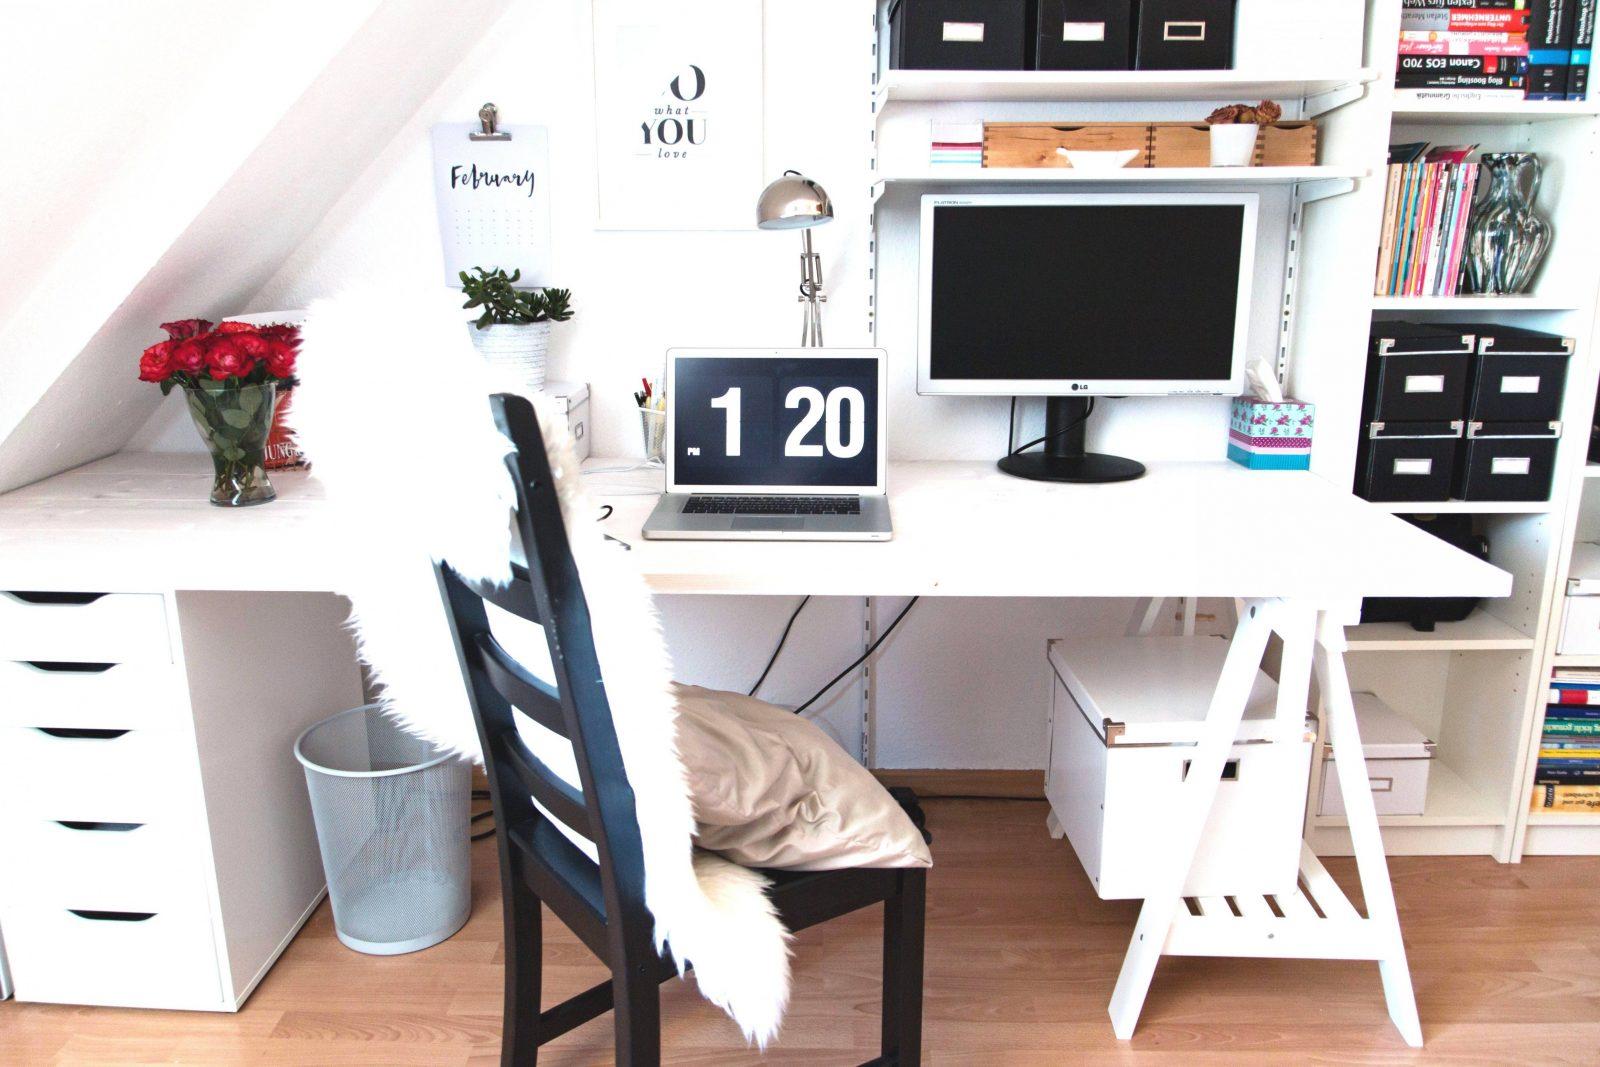 Luxus 14 Jugendzimmer Ideen Für Kleine Räume Konzept Einzigartiger von Jugendzimmer Ideen Für Kleine Räume Bild